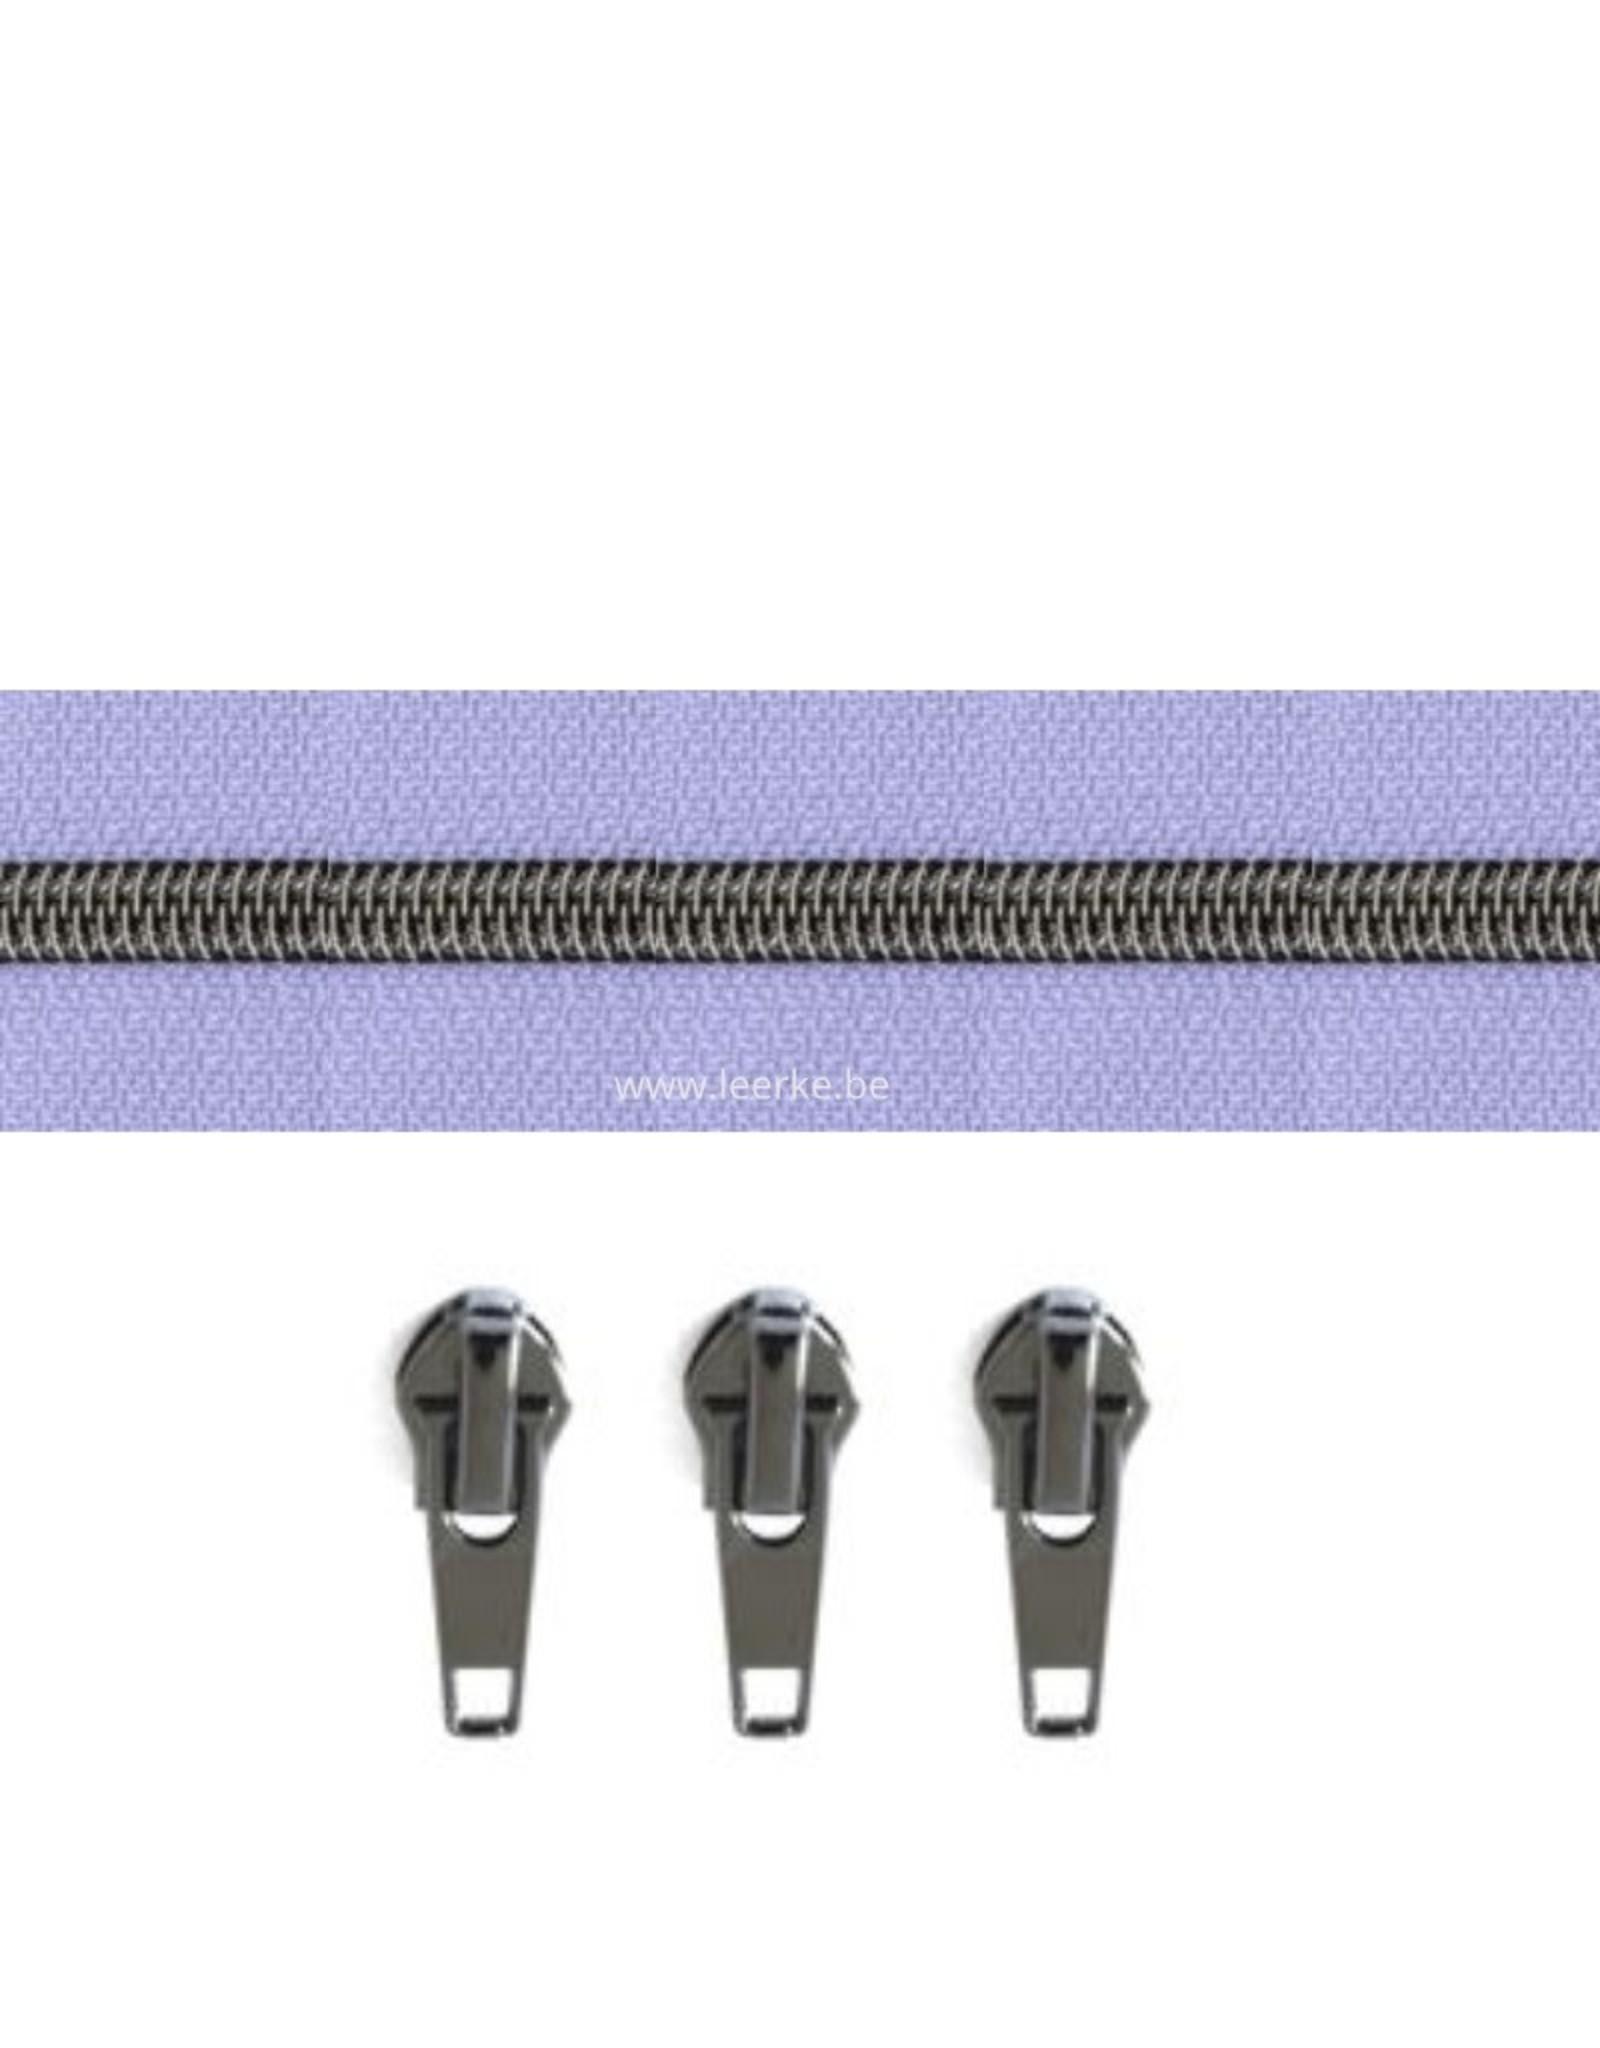 Rits per meter (incl. 3 trekkers) - Gunmetal - Lila - Size 6,5